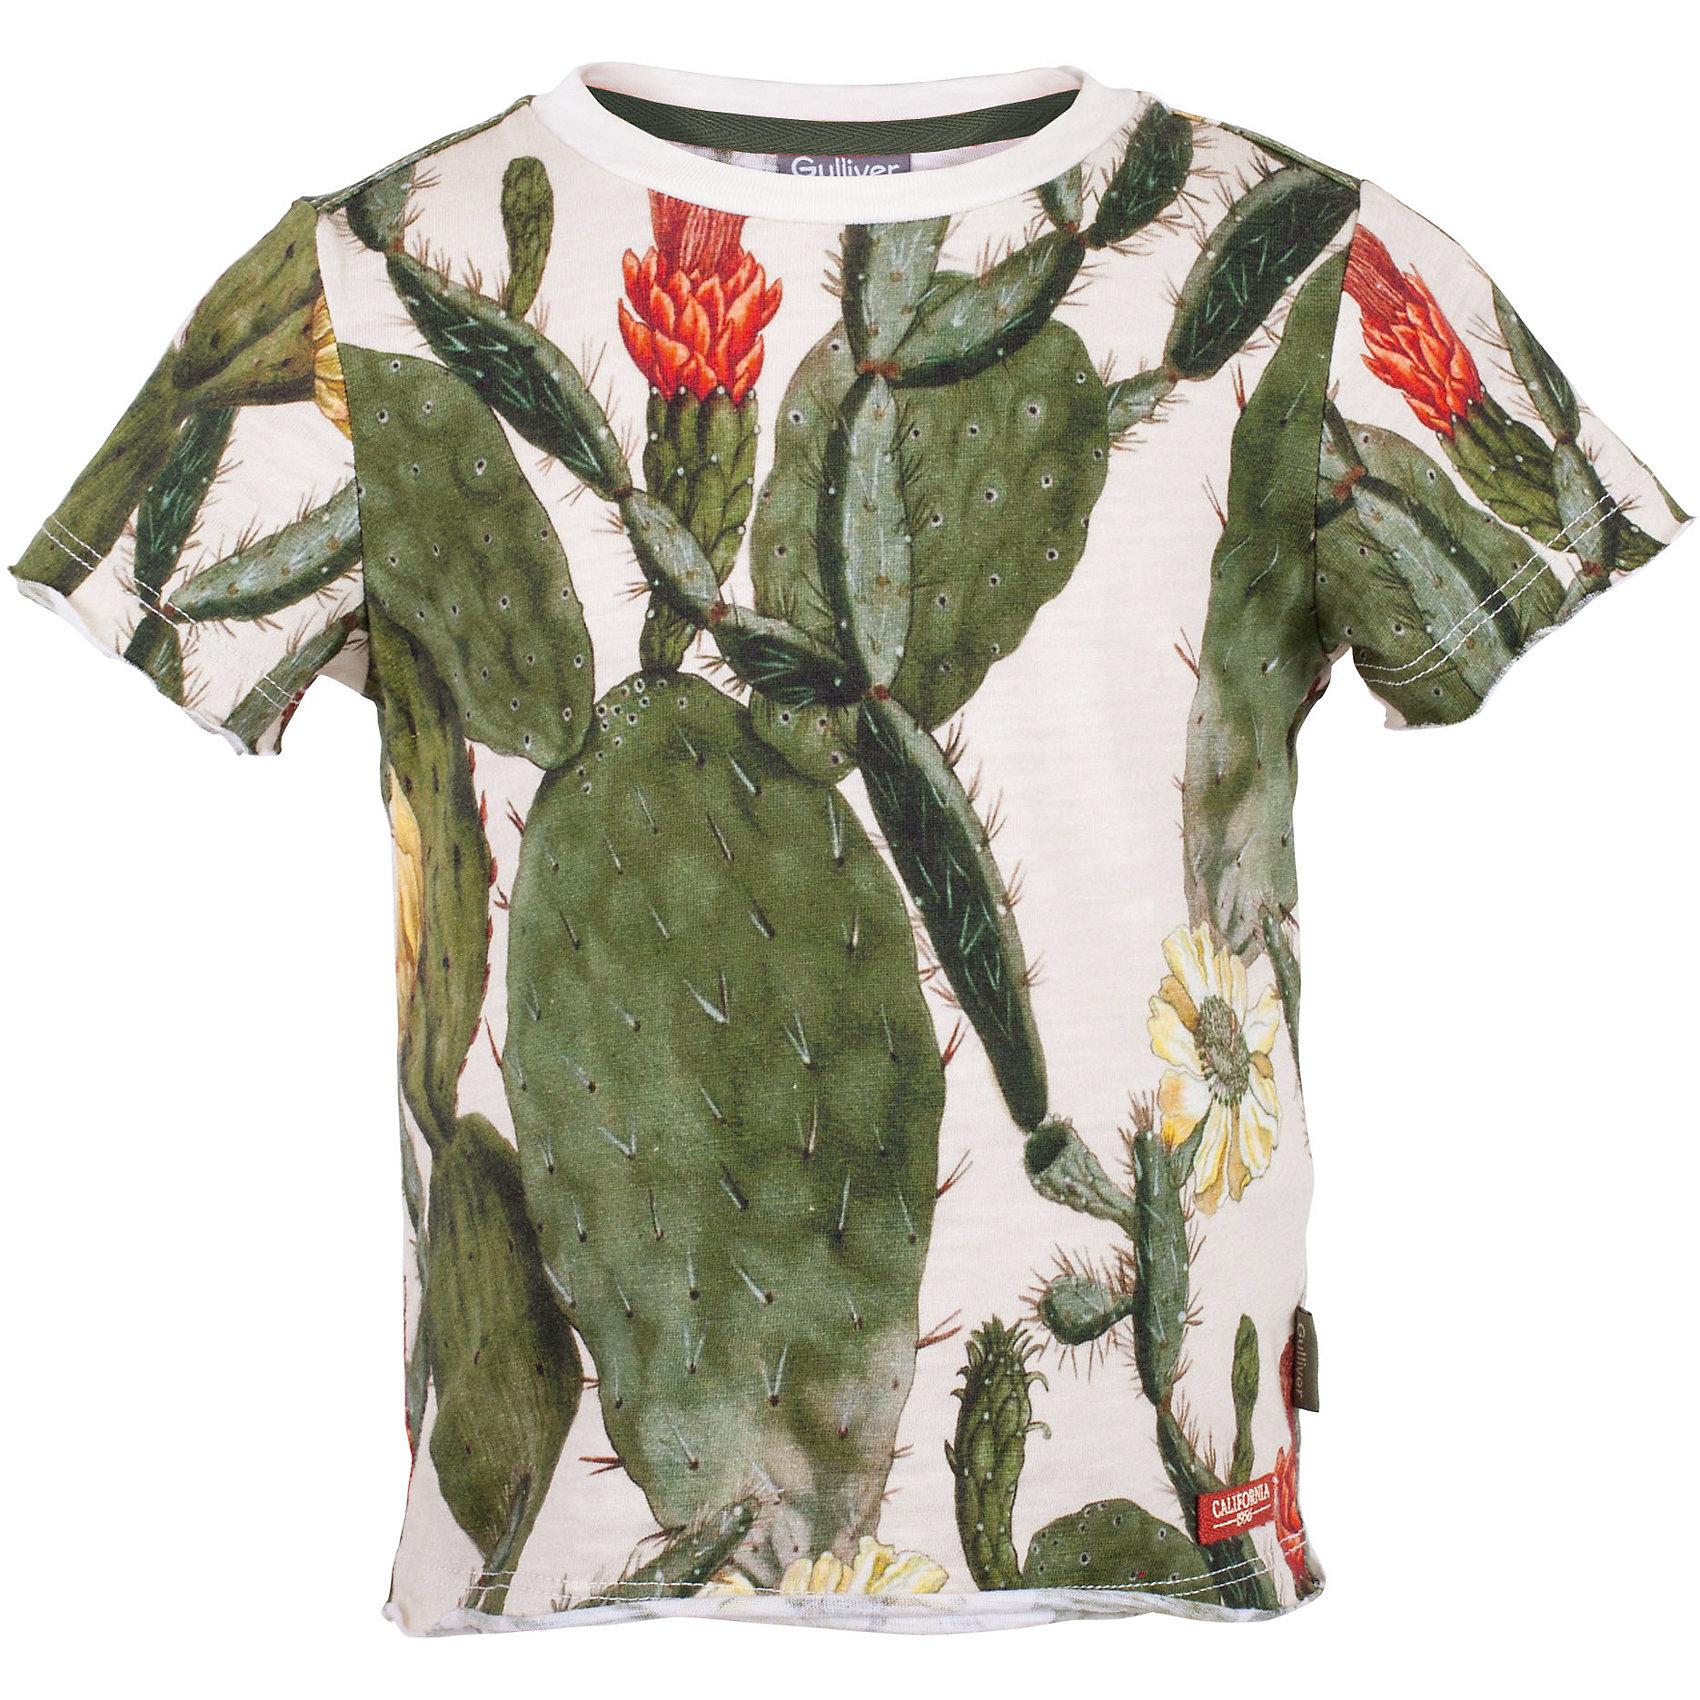 Футболка для мальчика GulliverЭта детская футболка из оригинального орнаментального трикотажа - настоящий шедевр! Авторский рисунок ткани не оставит равнодушными ни детей, ни их родителей. Если ваш ребенок активен и любознателен, вам стоит купить футболку из коллекции Аризона! Она создает отличное настроение и, наверняка, понравится мальчикам, мечтающим о путешествиях в дальние страны. Детская футболка с принтом - образец футболки с рисунком. Стильный дизайн, великолепное качество трикотажа, удобная посадка изделия на фигуре, обеспечивают прекрасный внешний вид, комфорт и свободу движений.<br>Состав:<br>100% хлопок<br><br>Ширина мм: 199<br>Глубина мм: 10<br>Высота мм: 161<br>Вес г: 151<br>Цвет: бежевый<br>Возраст от месяцев: 24<br>Возраст до месяцев: 36<br>Пол: Мужской<br>Возраст: Детский<br>Размер: 98,104,110,116<br>SKU: 5483778